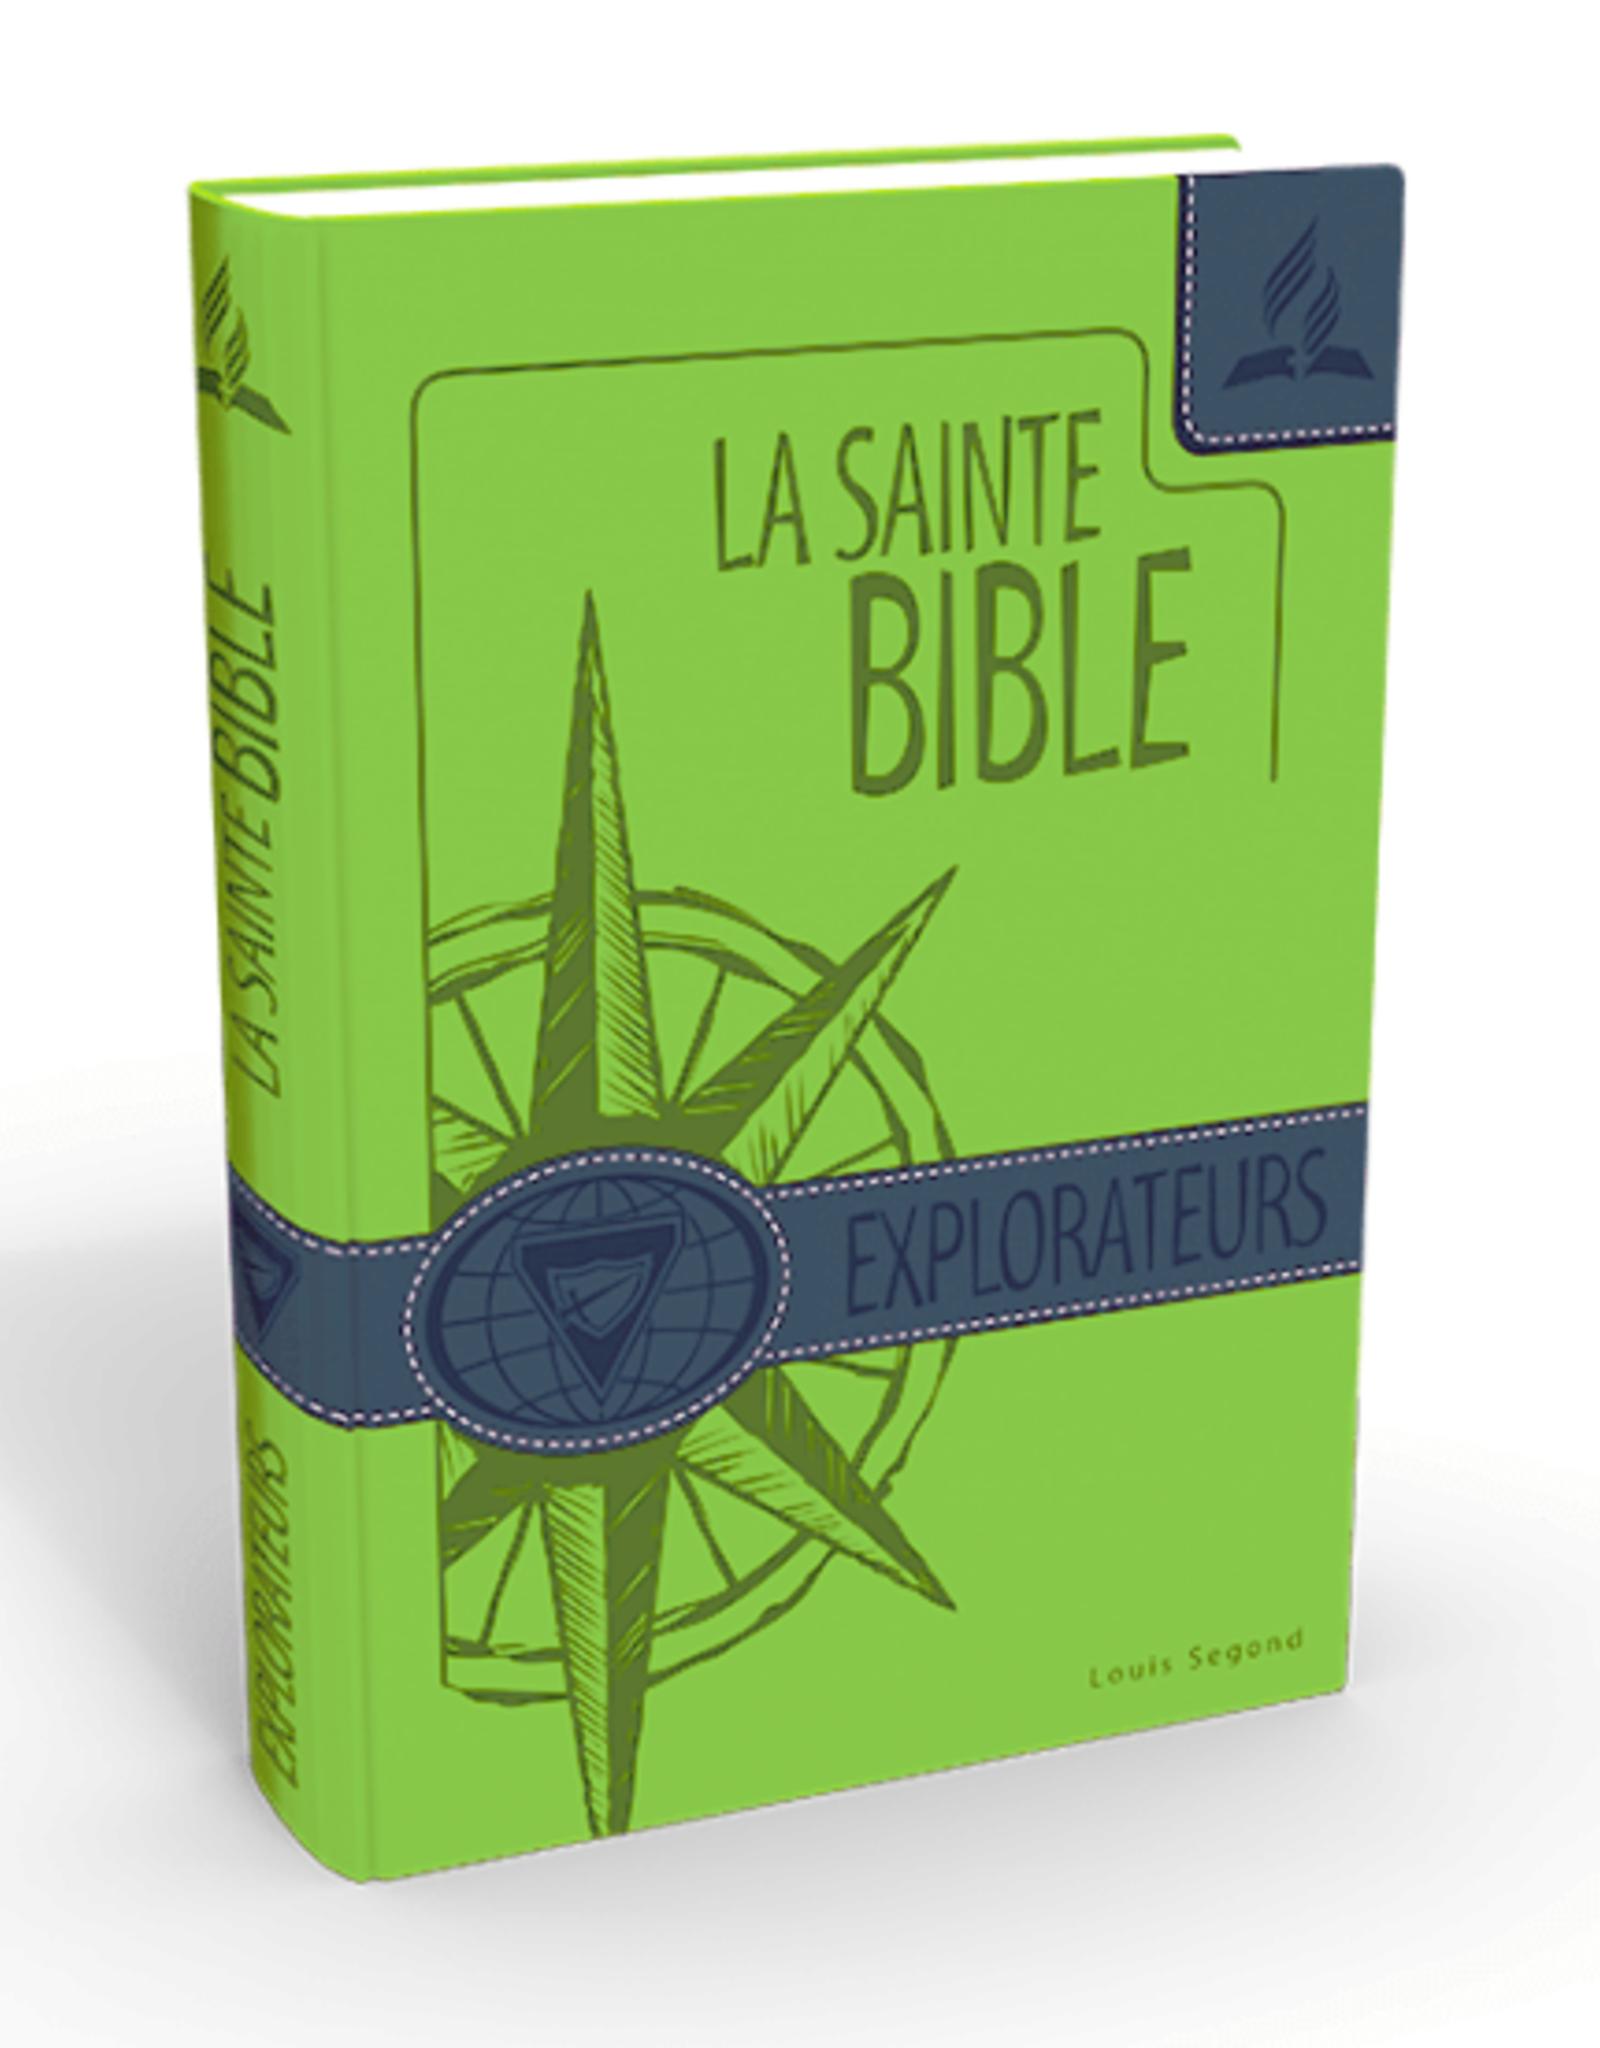 Louis Second La Sainte Bible - Explorateurs - couleur verte